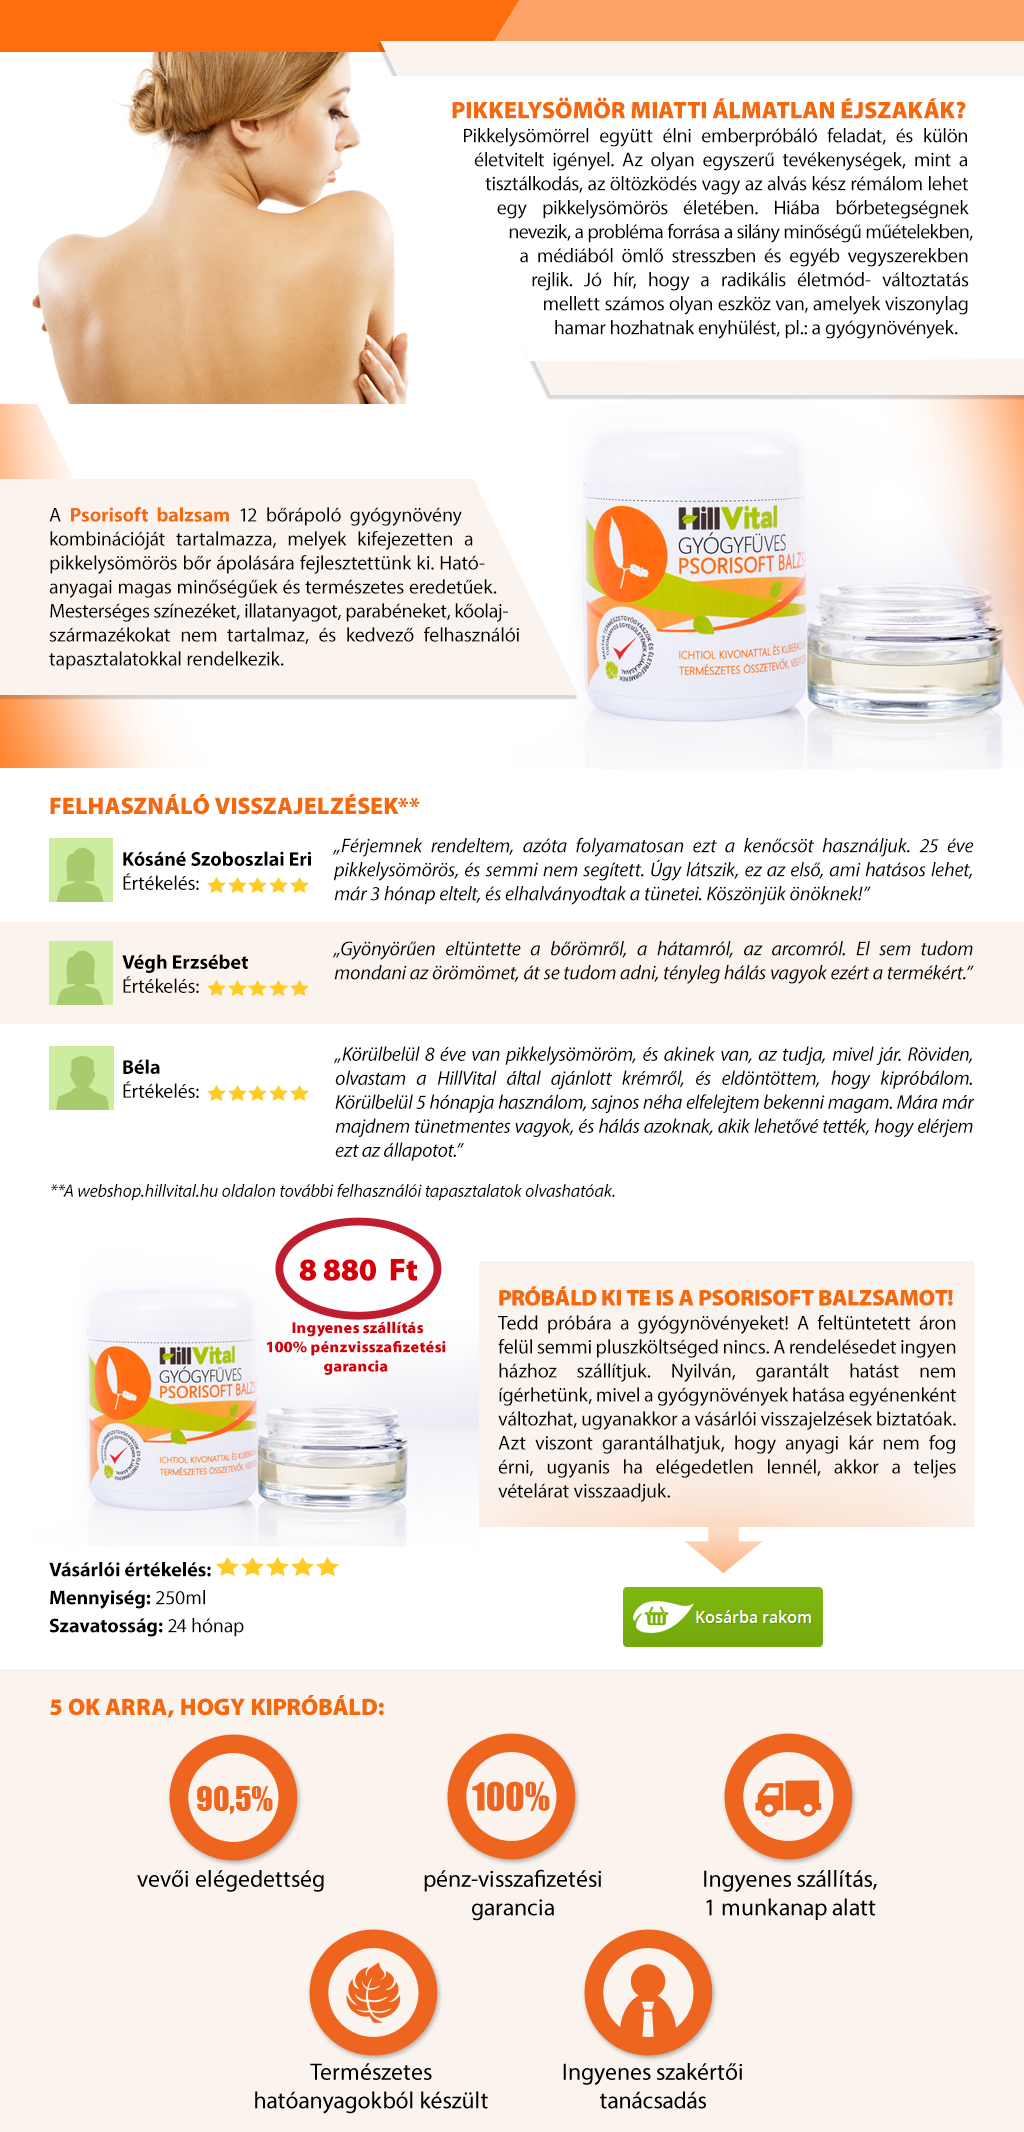 all about pikkelysömör táplálkozási kezelés prevenció